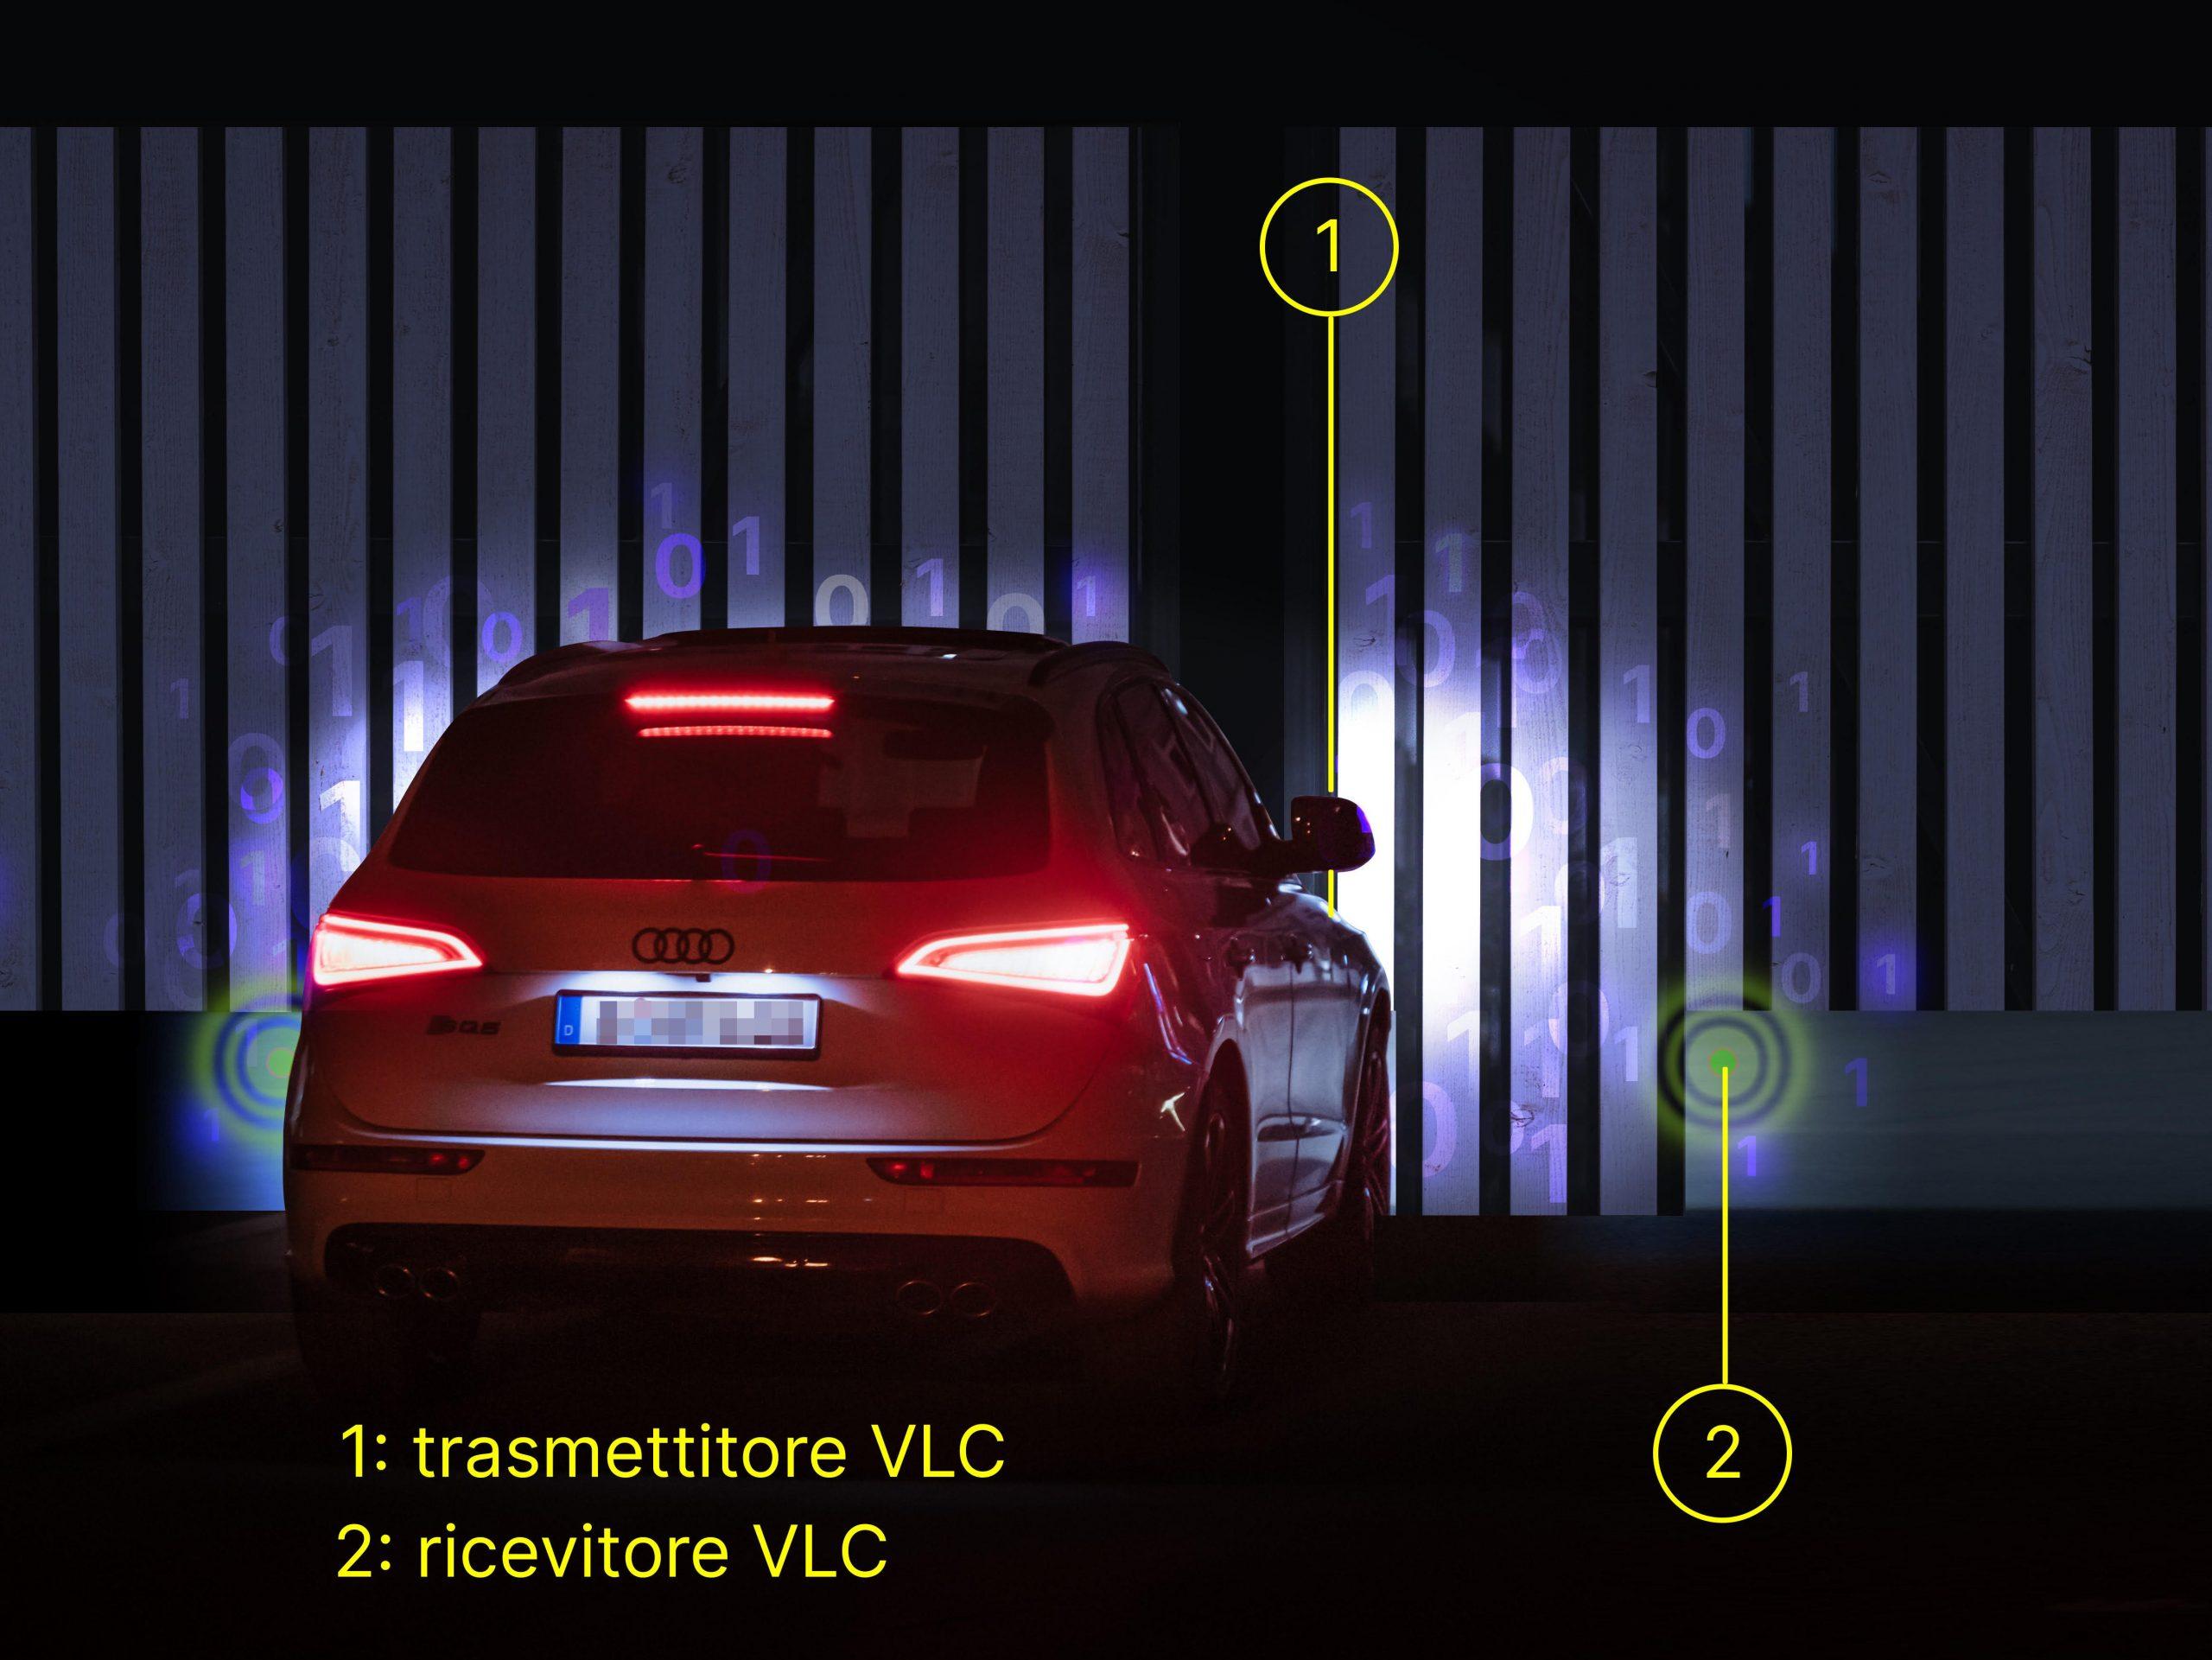 Fari parlanti auto reale e cancello illuminato